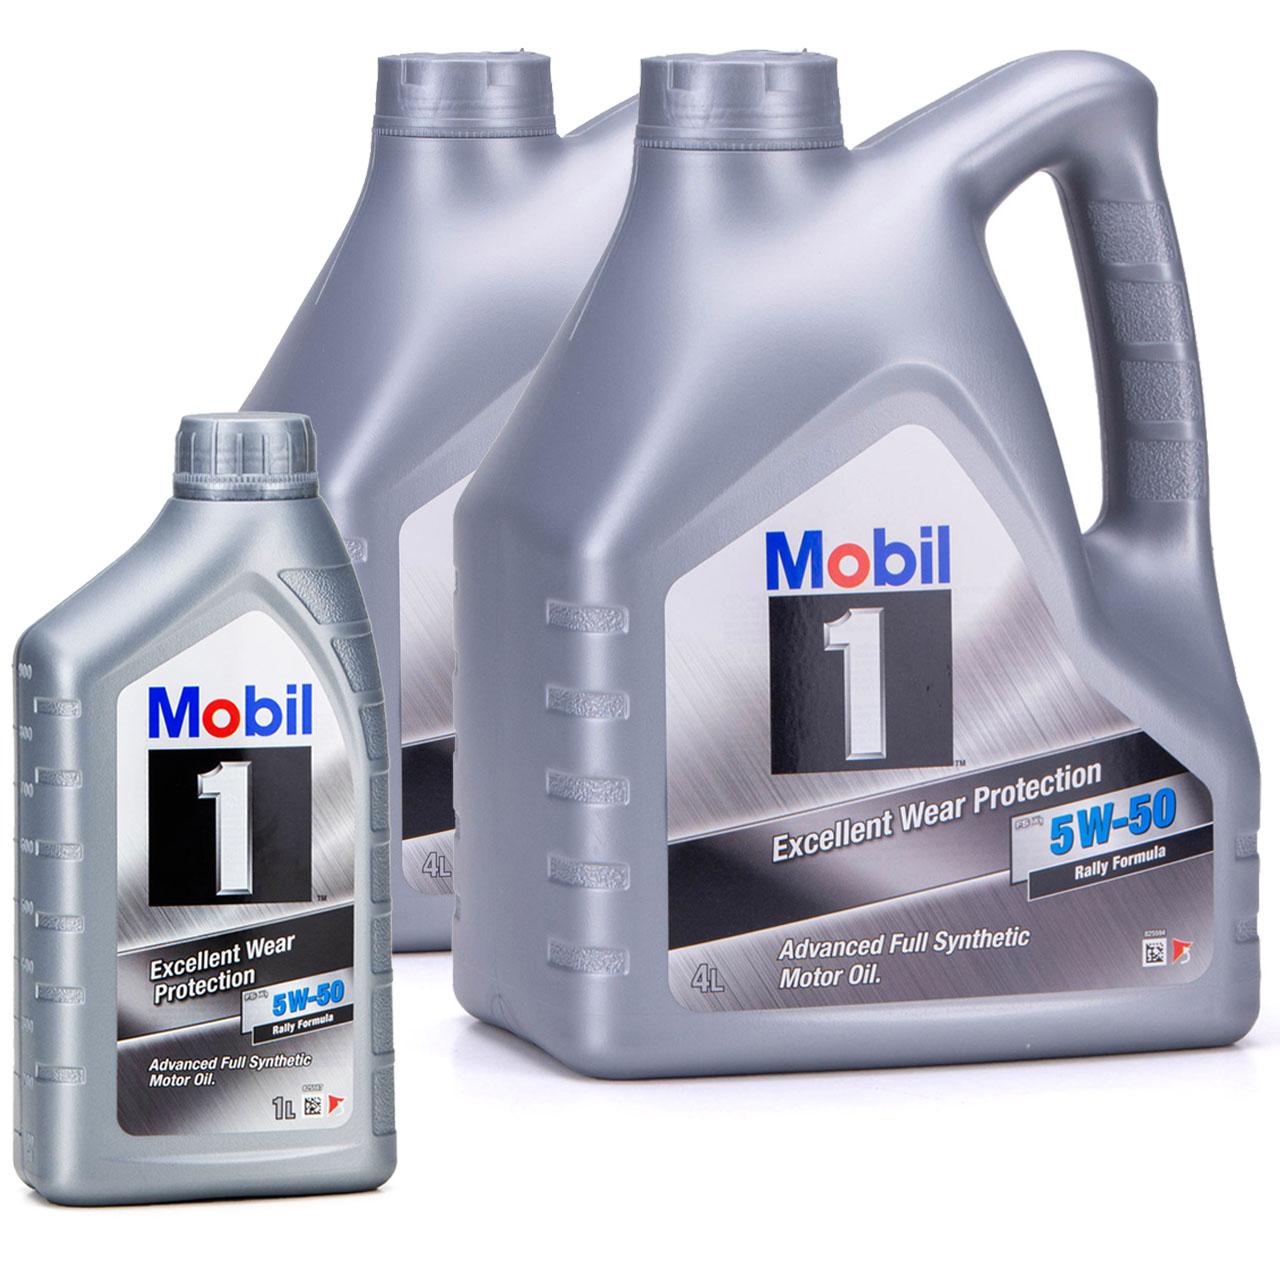 Mobil 1 FS X1 Motoröl Öl 5W-50 5W50 PORSCHE A40 MB 229.3 / 229.1 - 9L 9 Liter